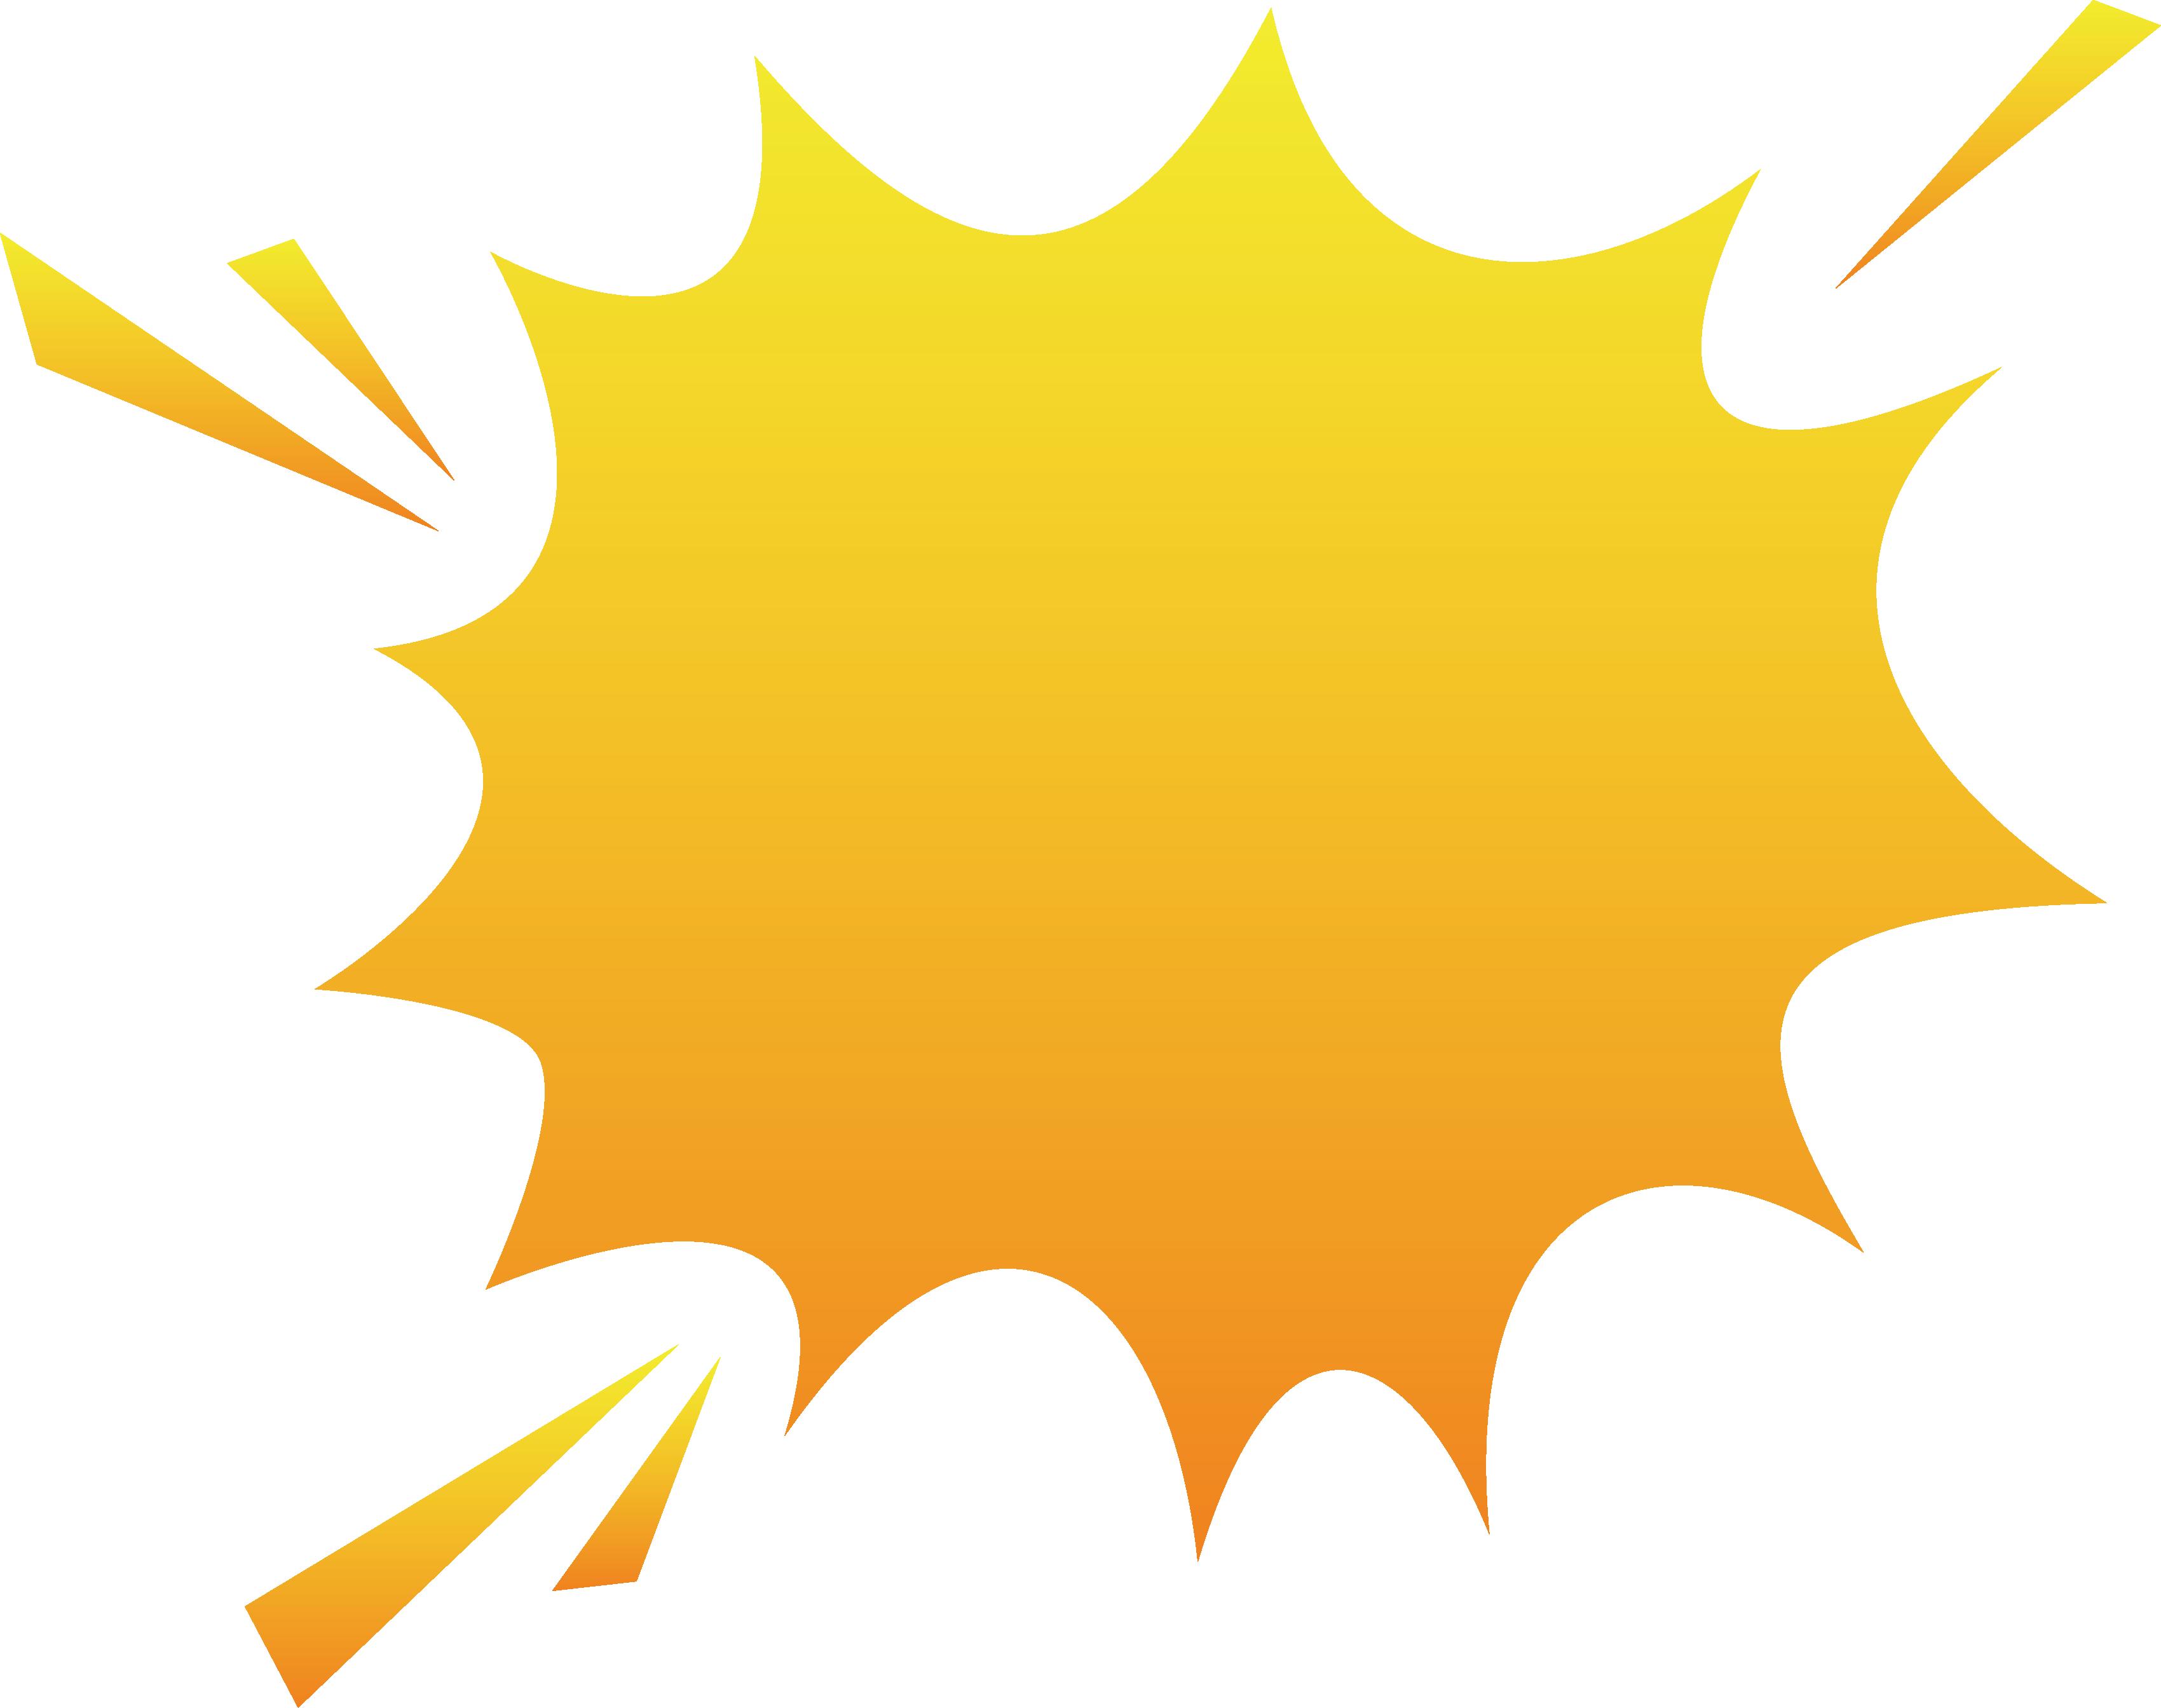 Double eleven promotion explosive. Clipart explosion leaf